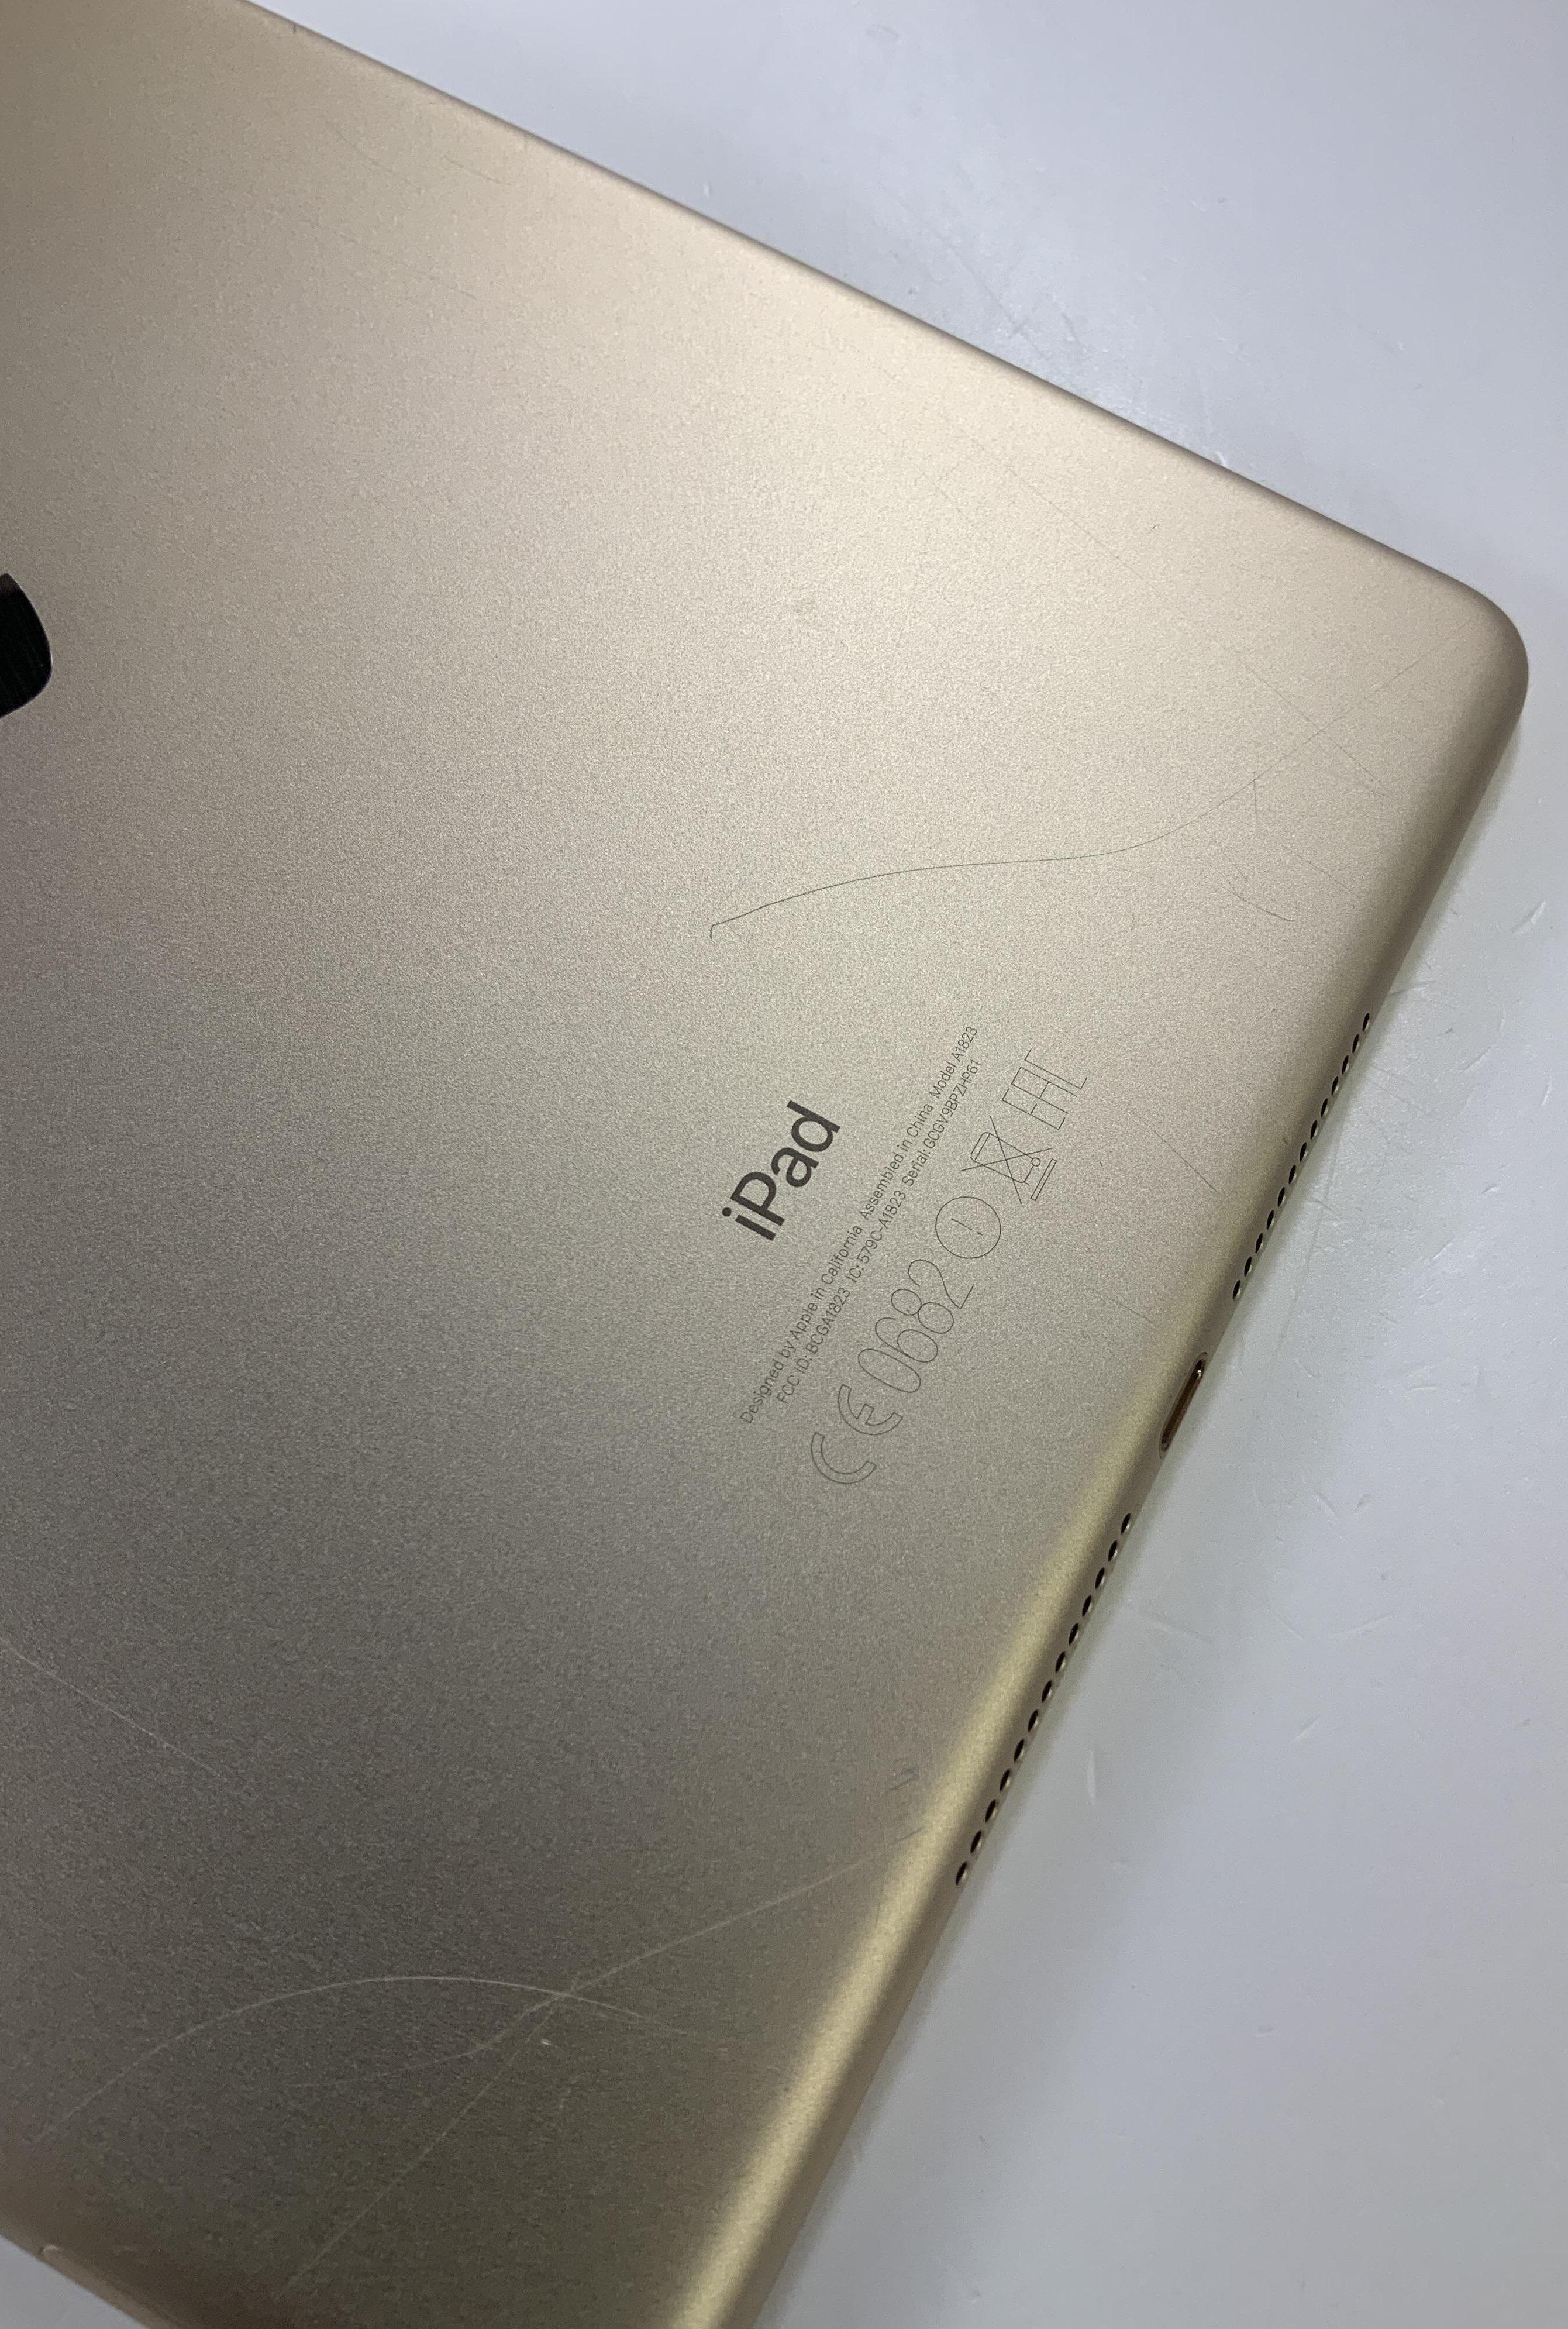 iPad 5 Wi-Fi + Cellular 32GB, 32GB, Gold, Bild 3